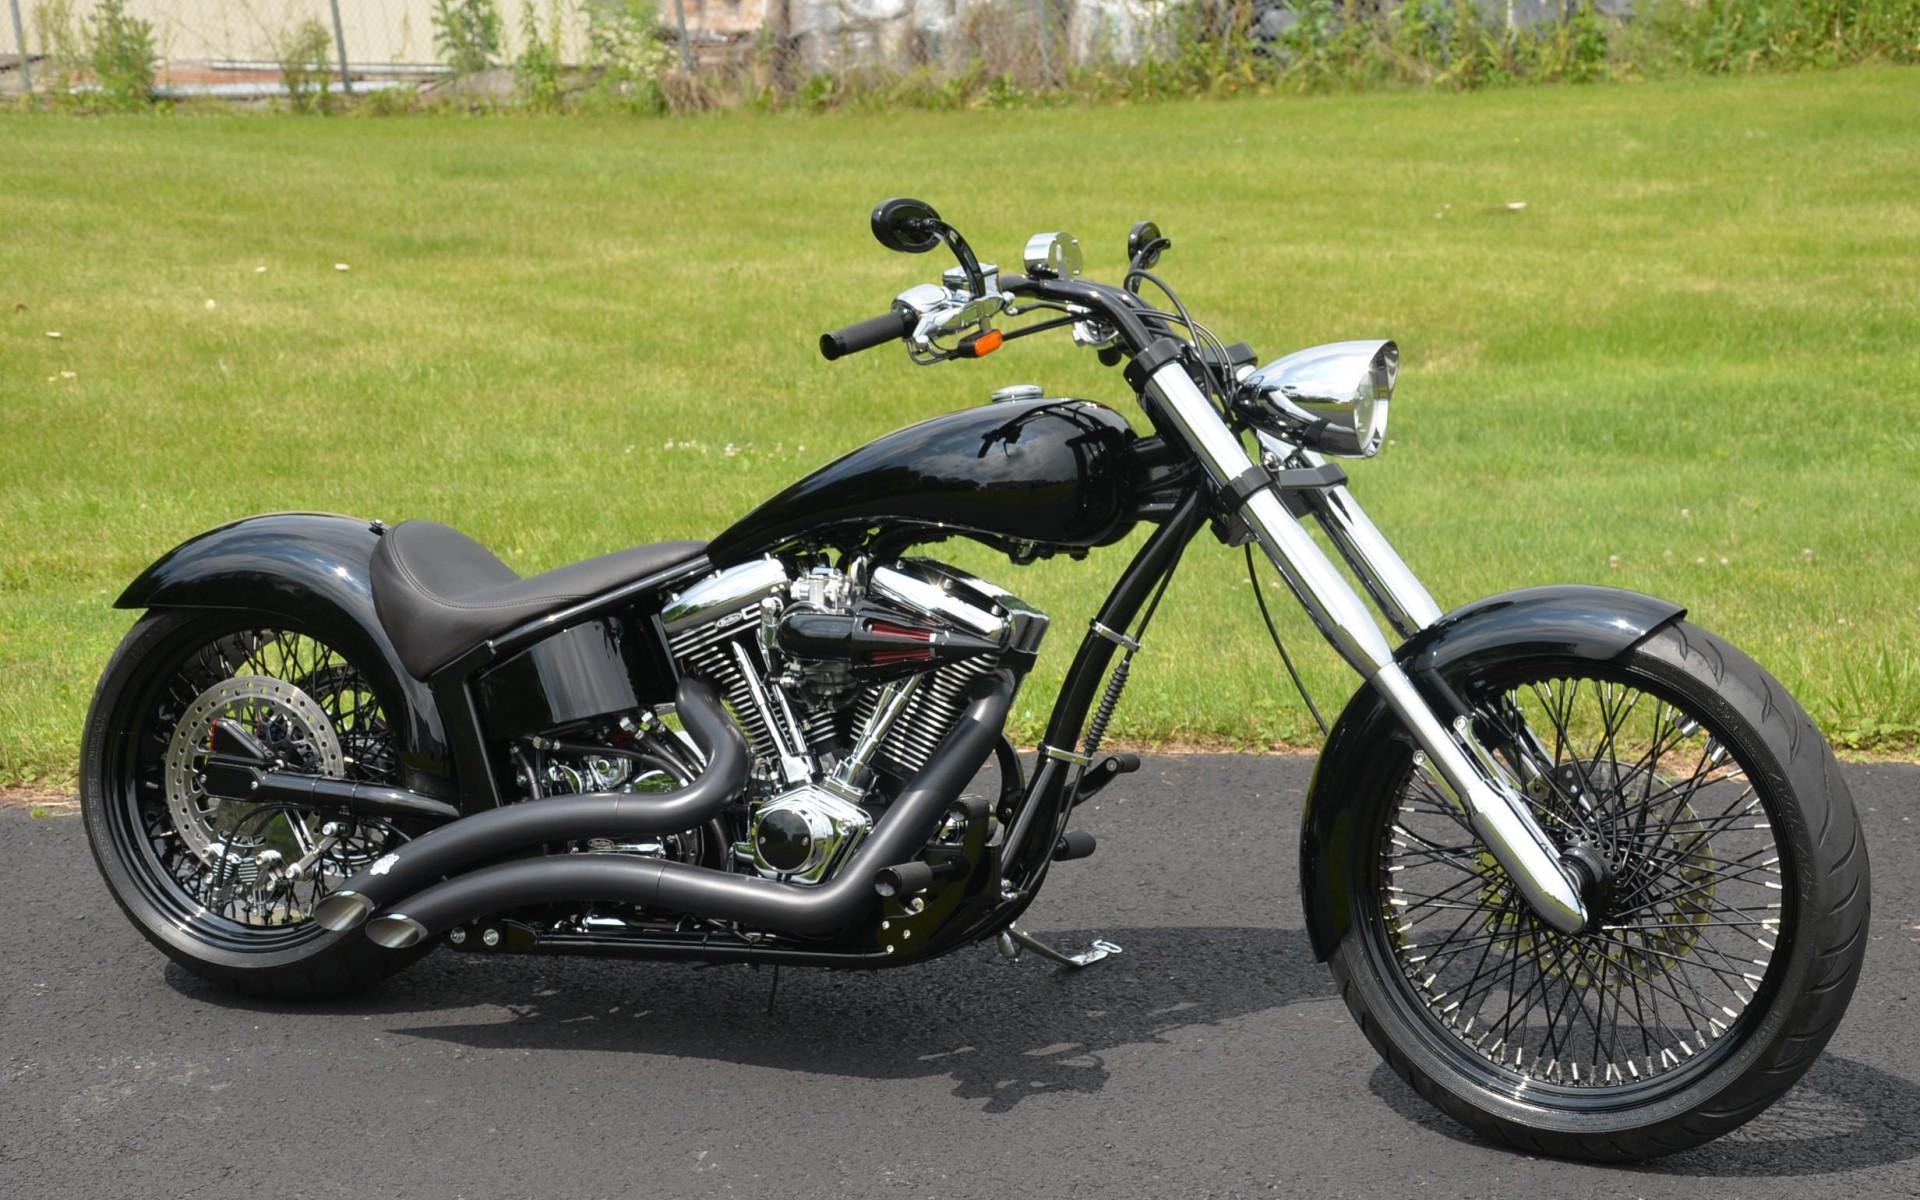 Обои с мотоциклом на рабочий стол 4